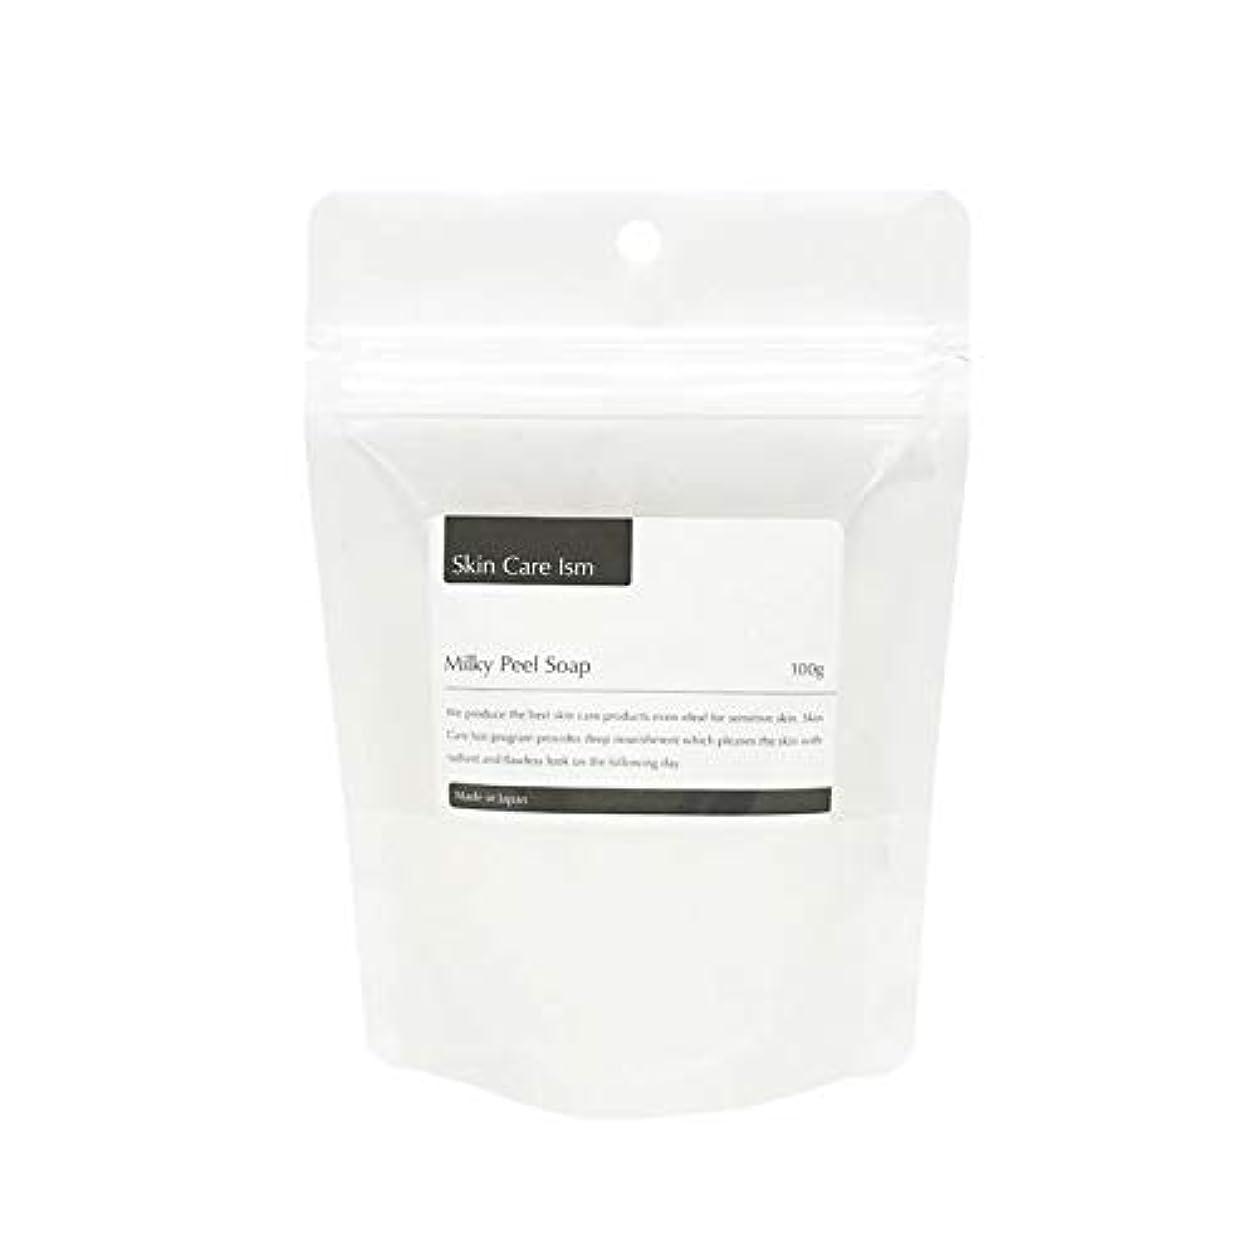 黙認する中世のハブブ【Skin Care Ism / Milky Peel Soap】スキンケアイズム?ミルキーピールソープ